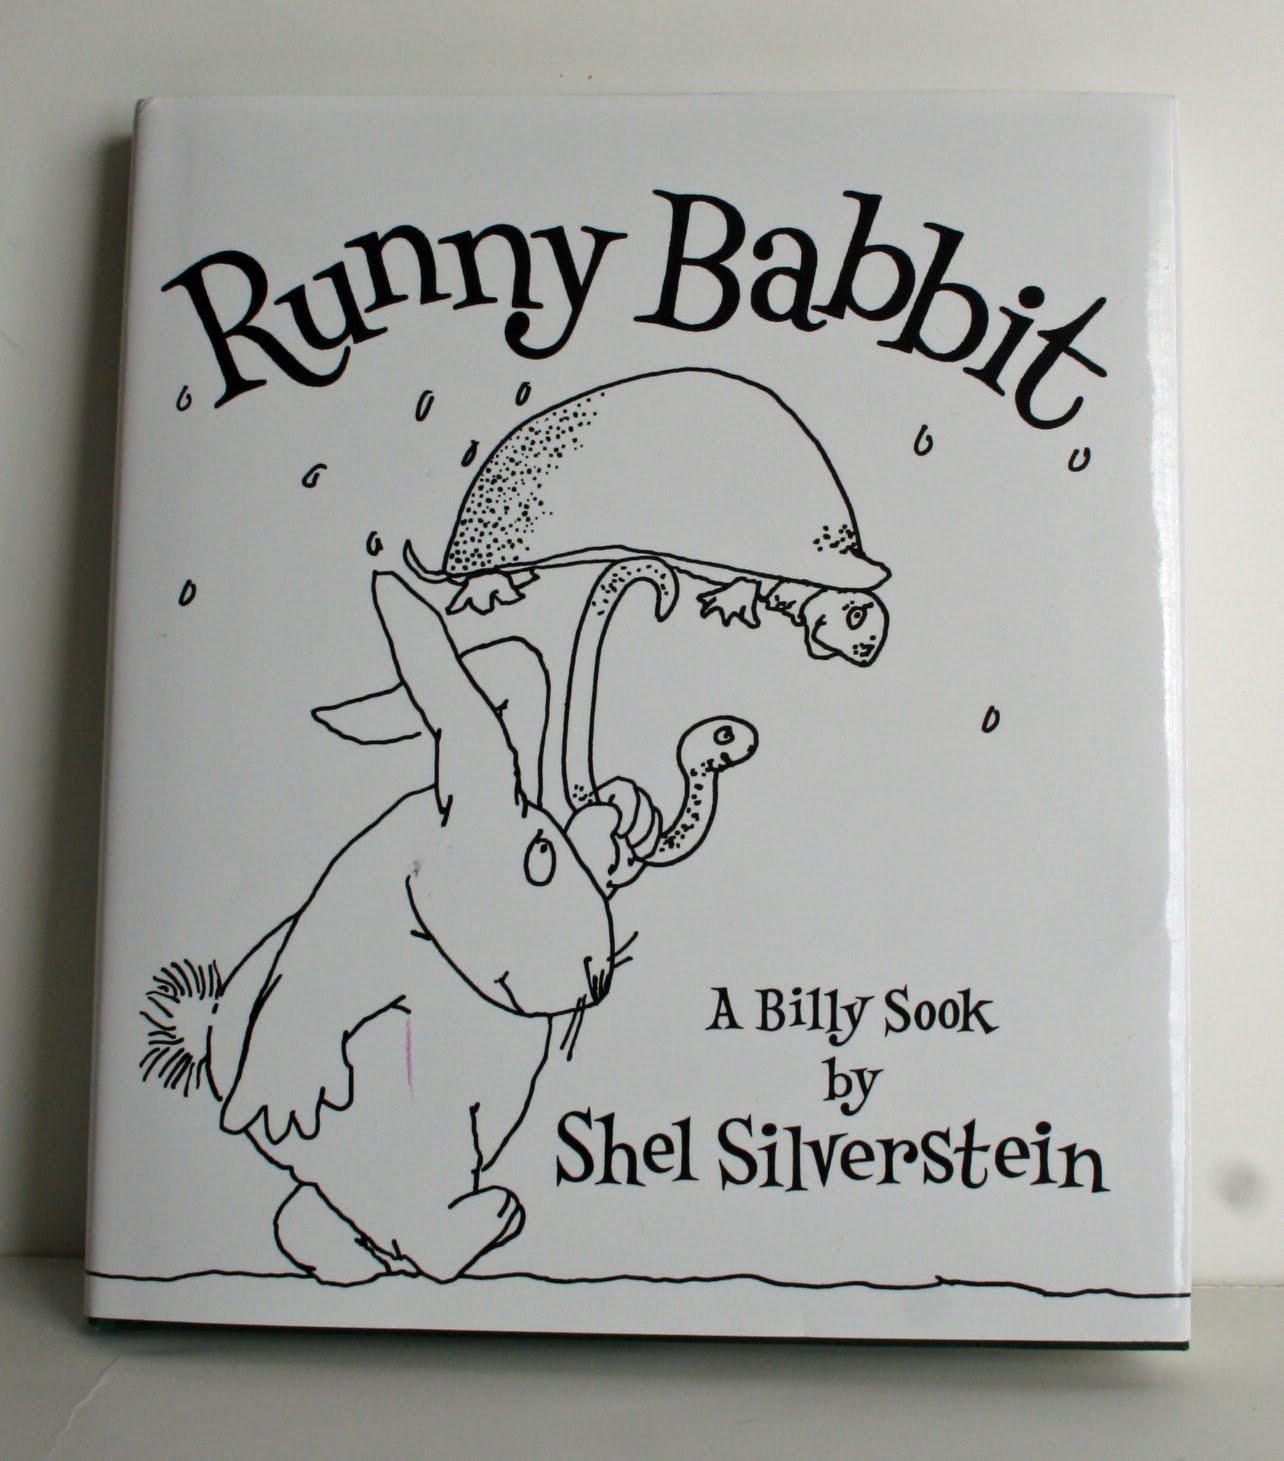 shel silverstein books - HD1284×1461